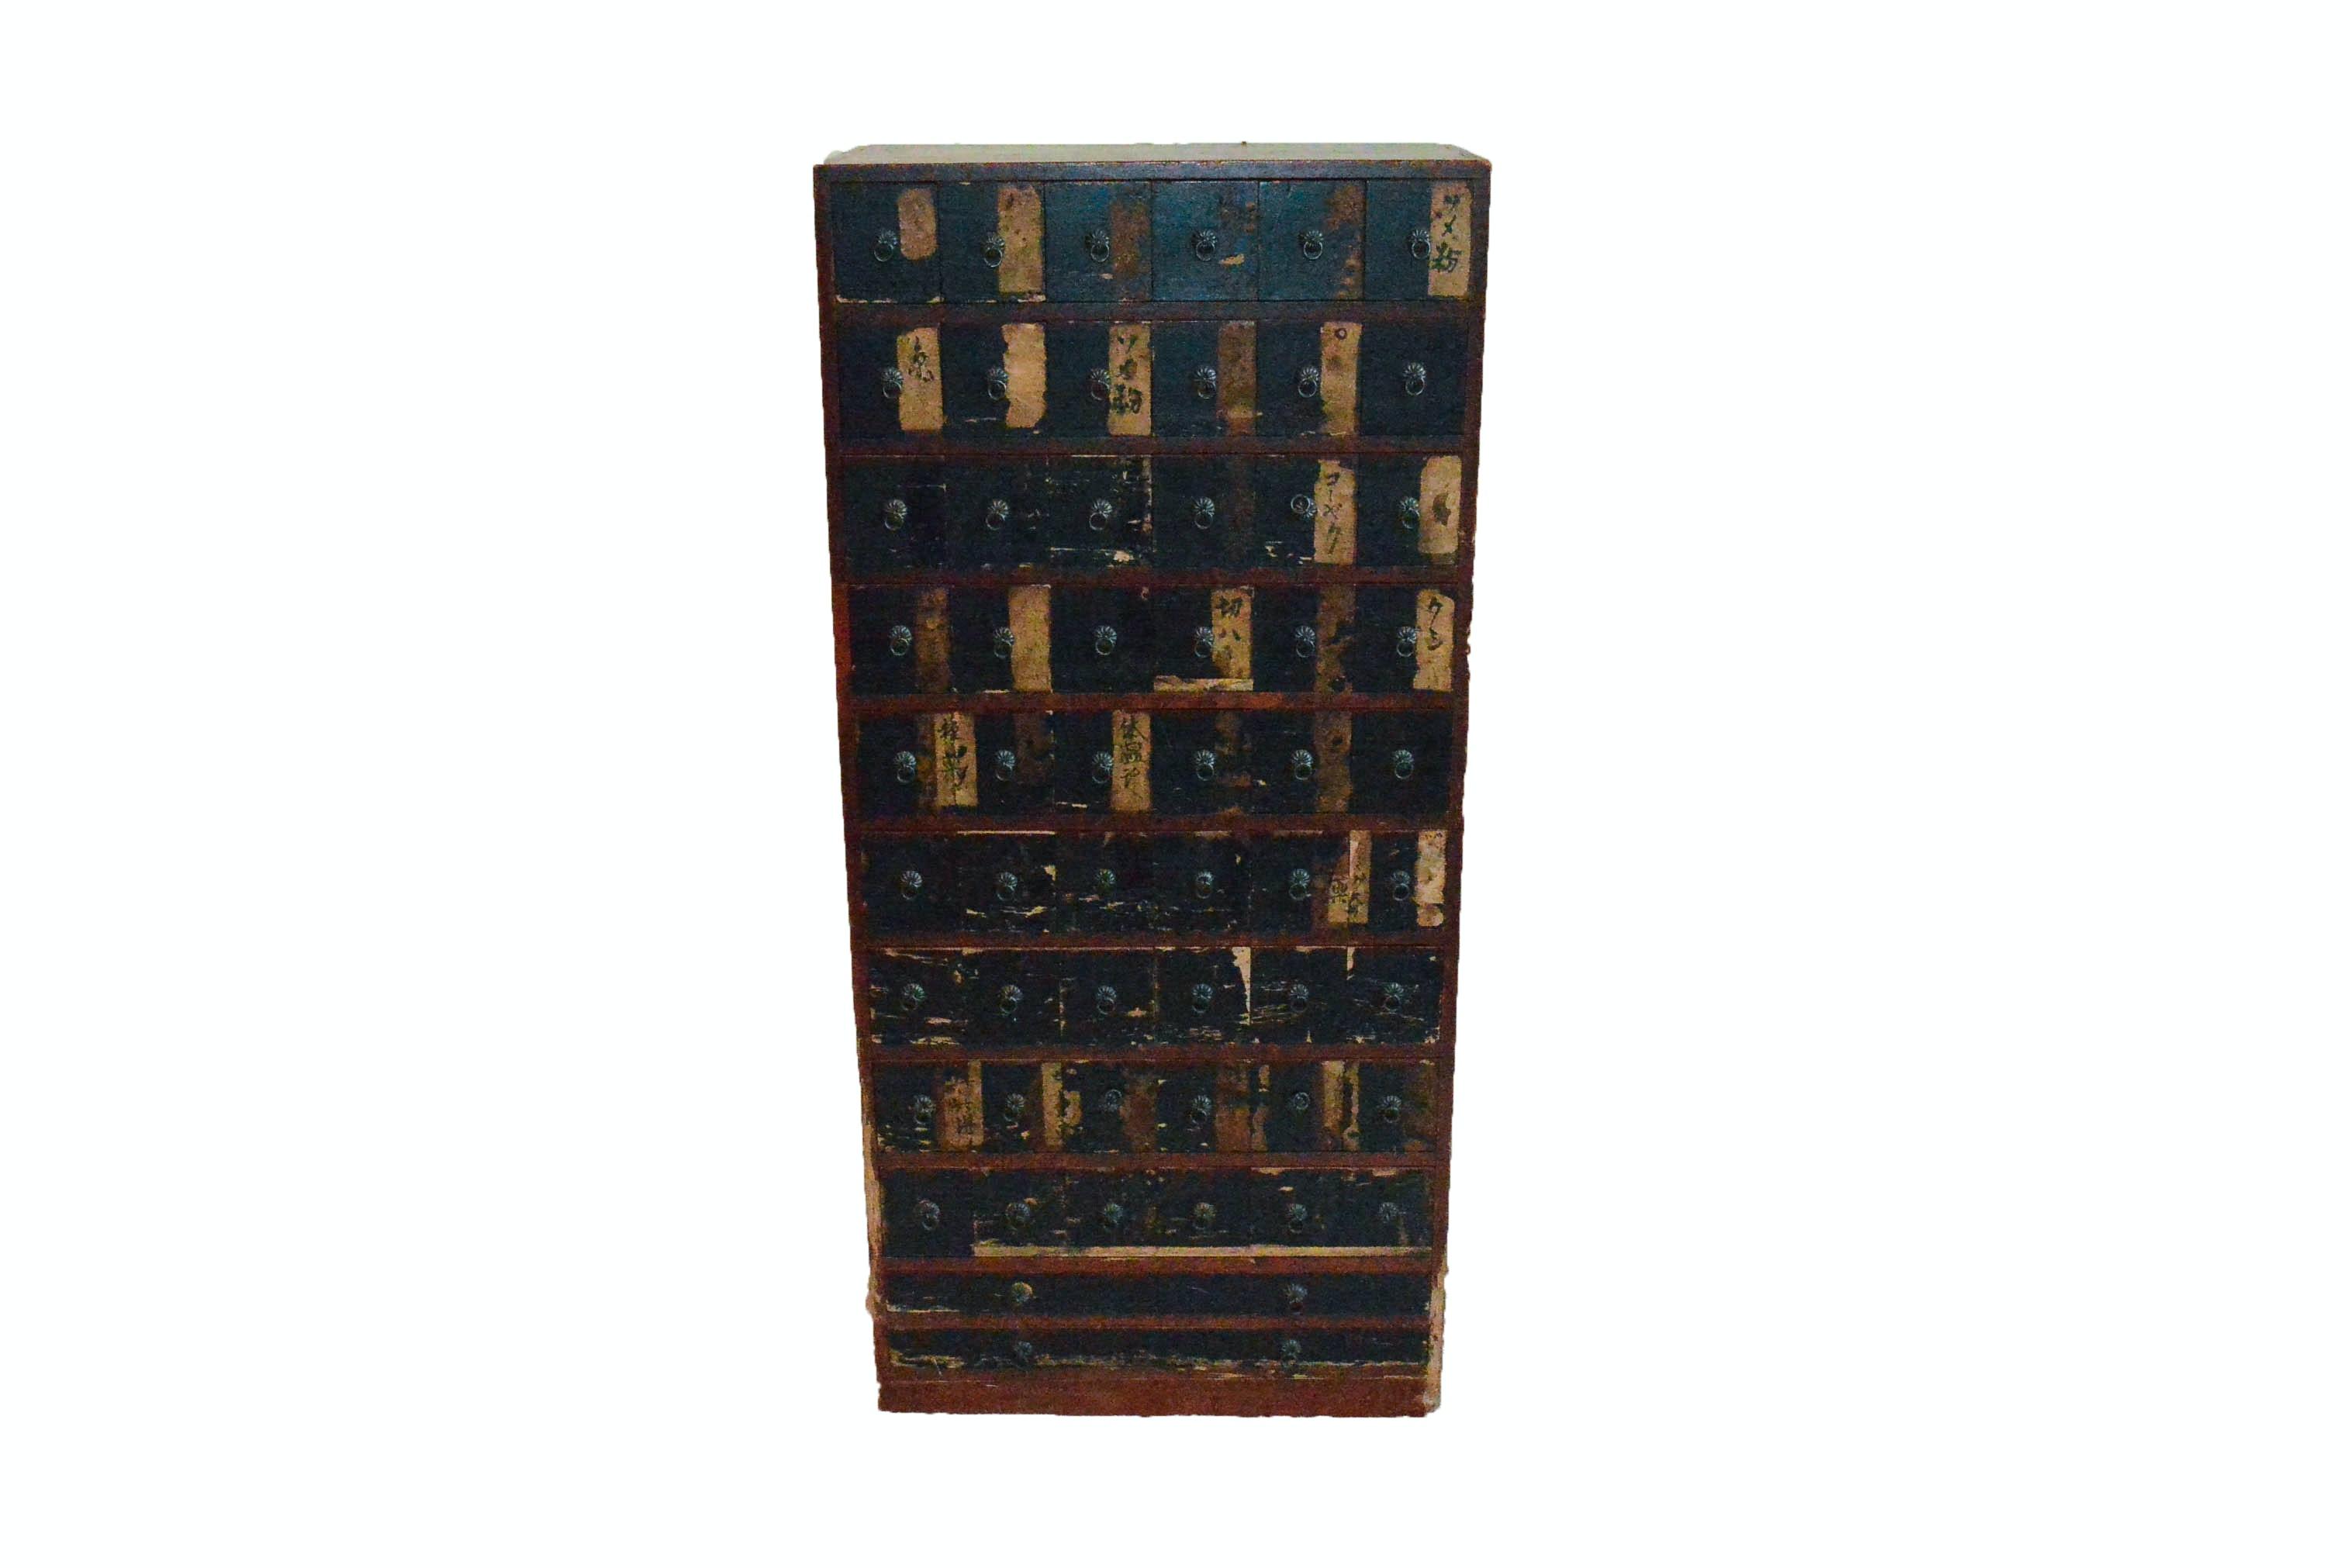 Circa 1900 Japanese Apothecary Cabinet